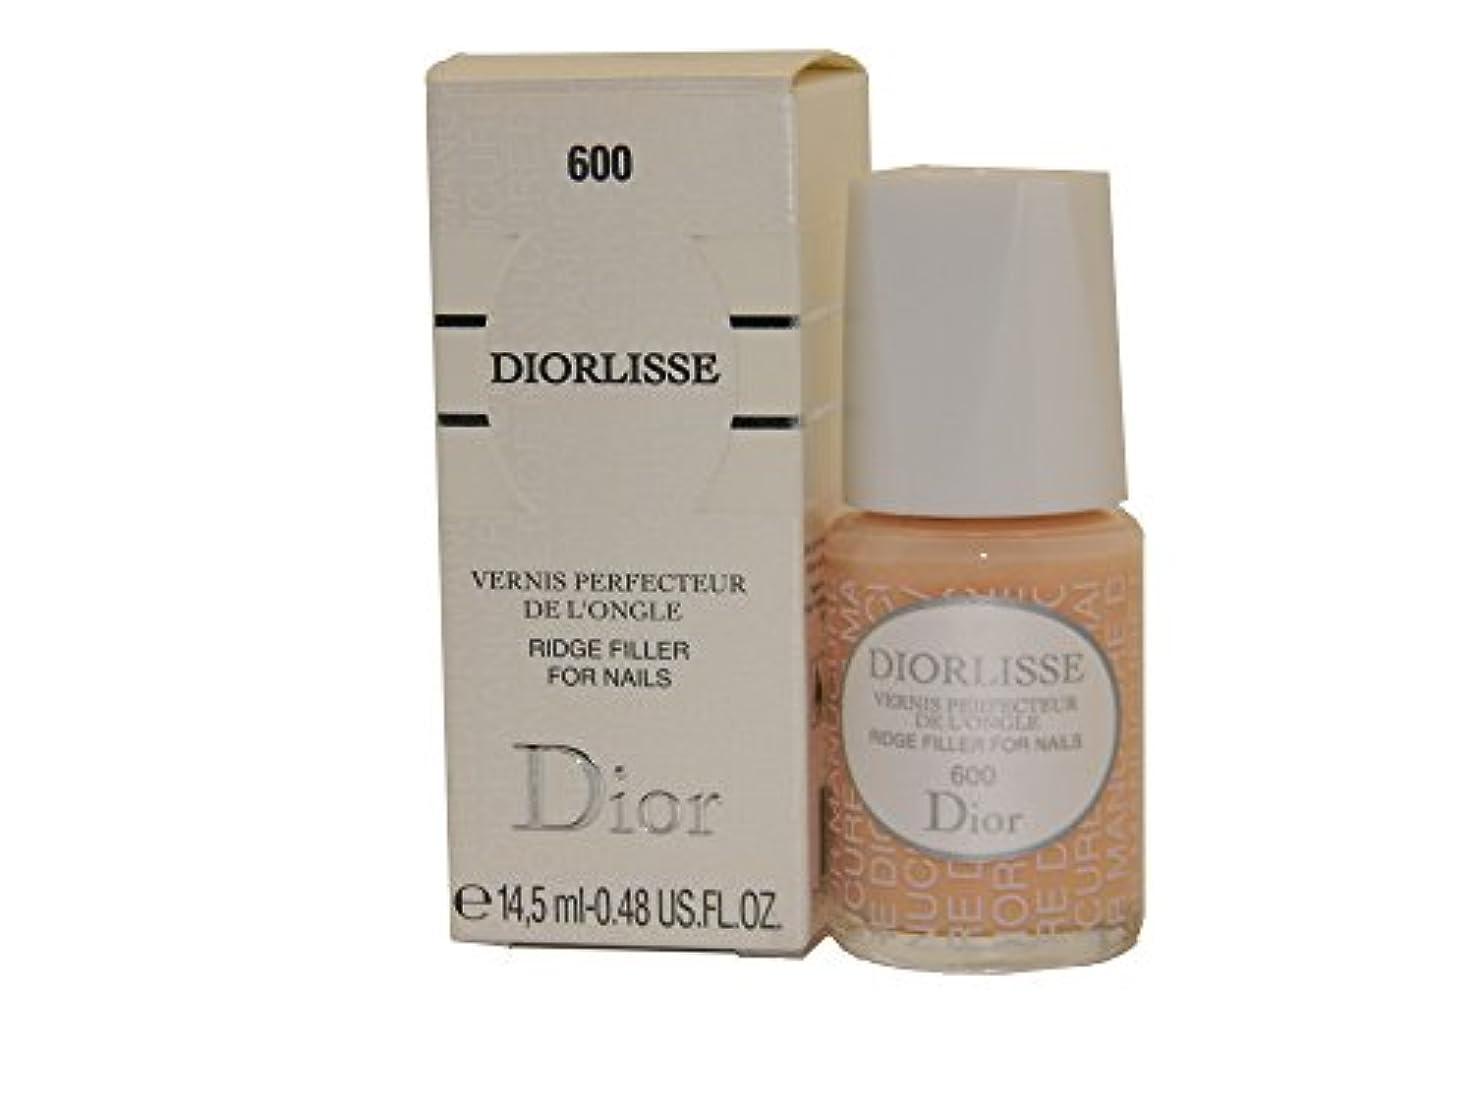 ストライプ尊敬対応Dior Diorlisse Ridge Filler For Nail 600(ディオールリス リッジフィラー フォーネイル 600)[海外直送品] [並行輸入品]